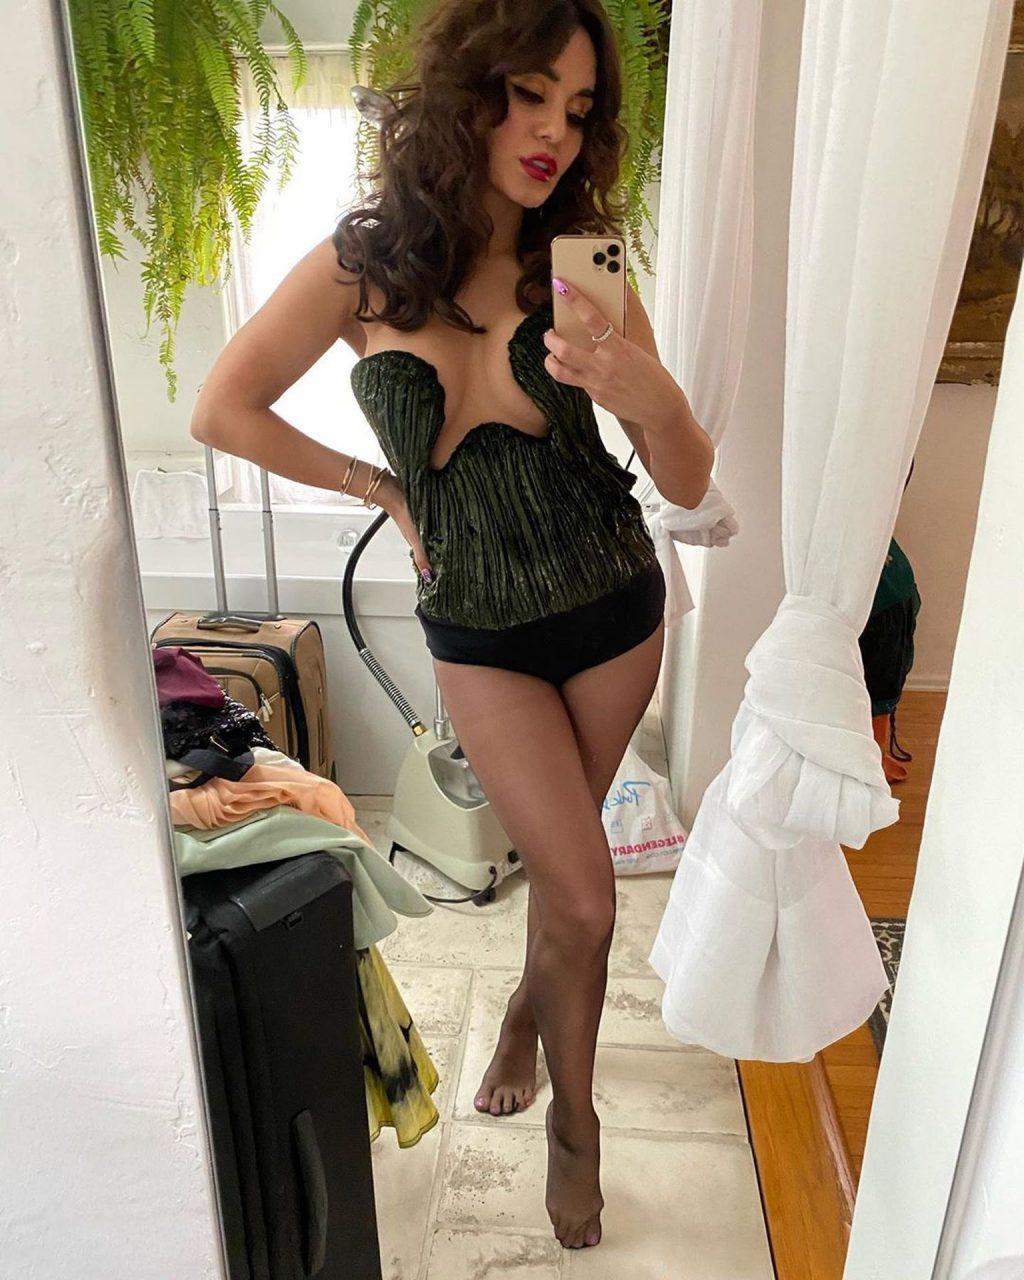 Vanessa Hudgens Shows Her Tits (3 Photos)